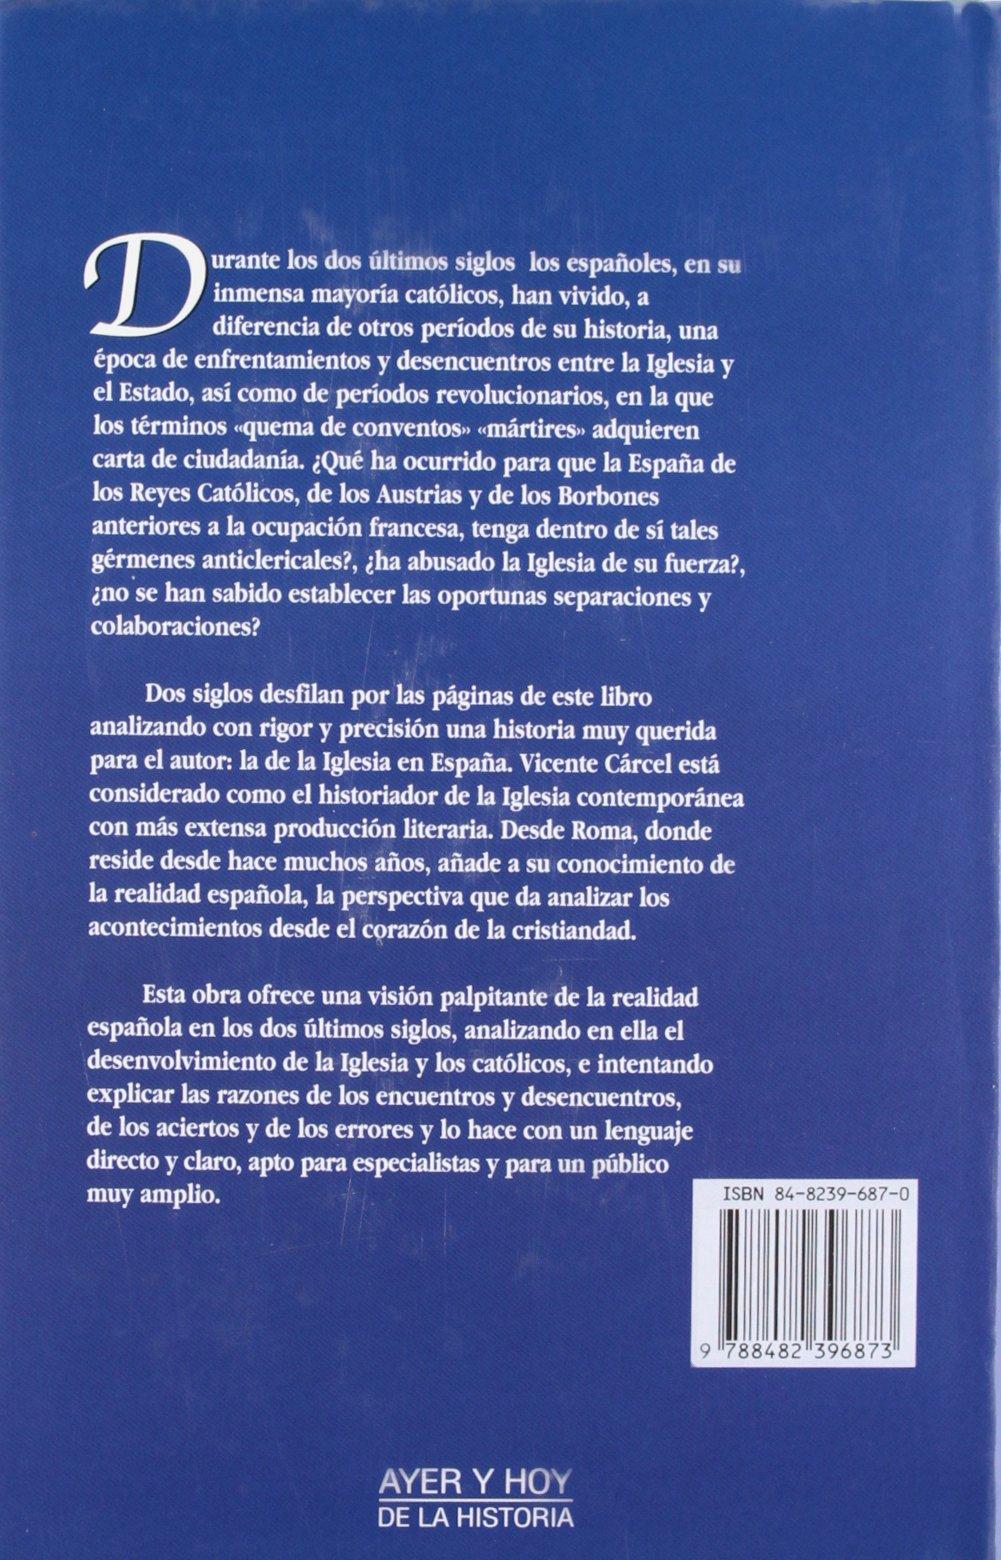 Hᆭ De La Iglesia En Espaᆬa Contemporanea Ayer y hoy de la historia: Amazon.es: Cárcel Ortí, Vicente: Libros